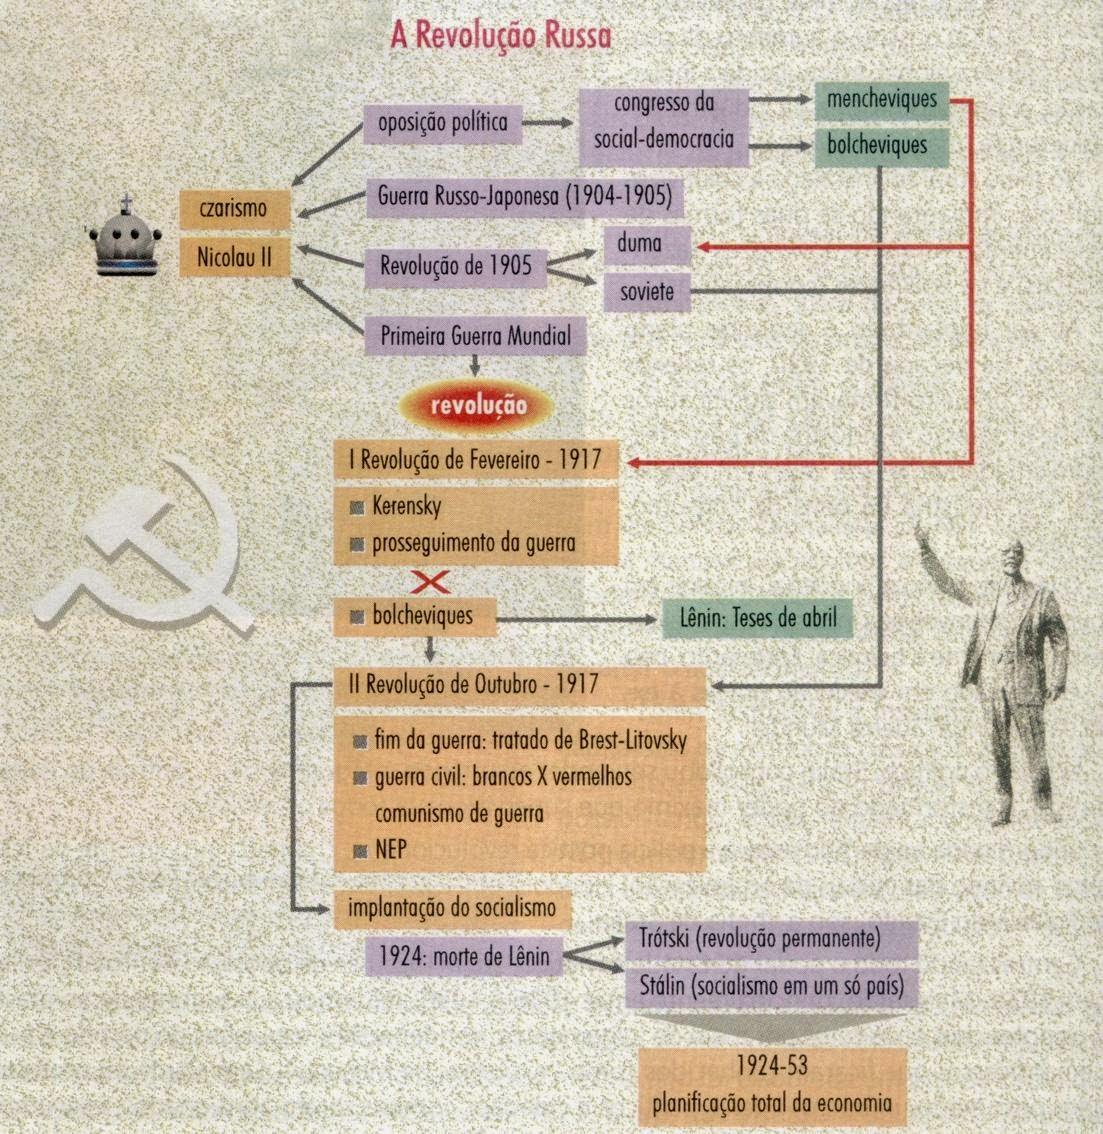 Prova de história 9 ano Revolução Russa